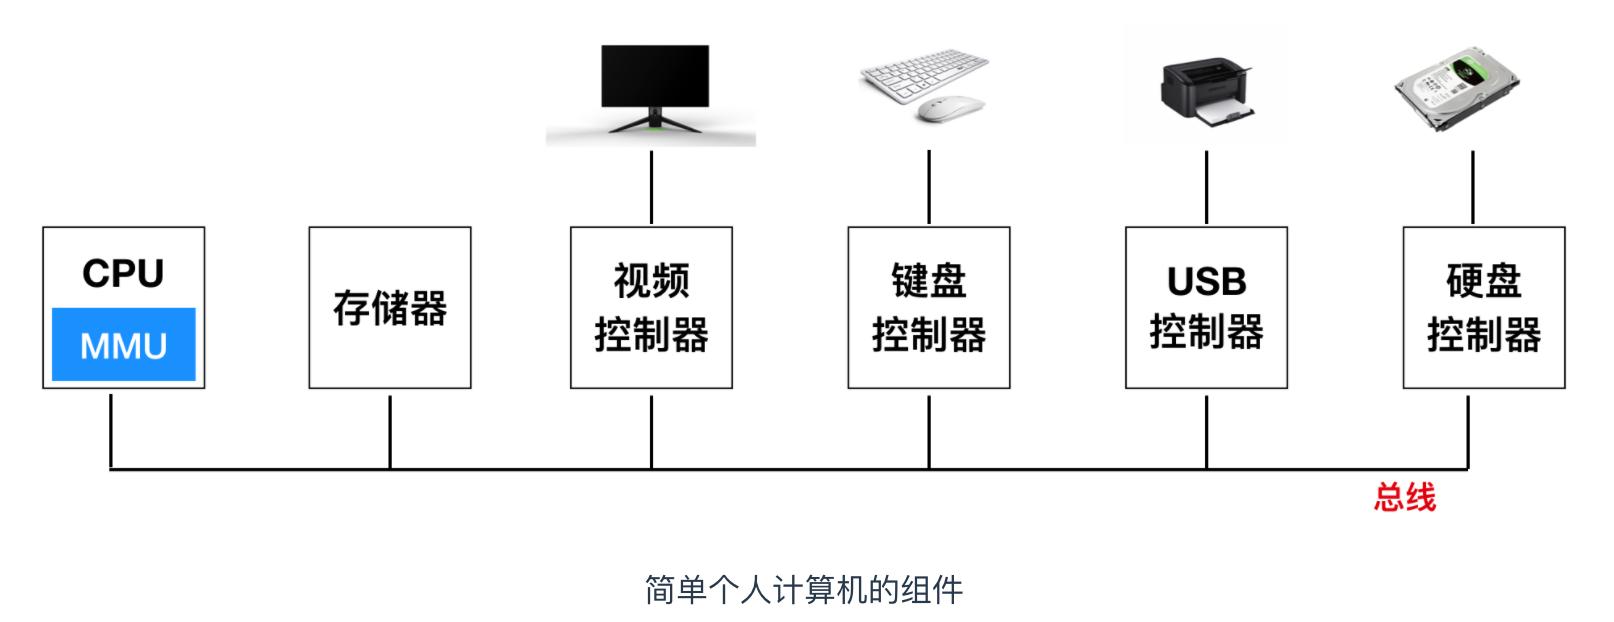 操作系统概述